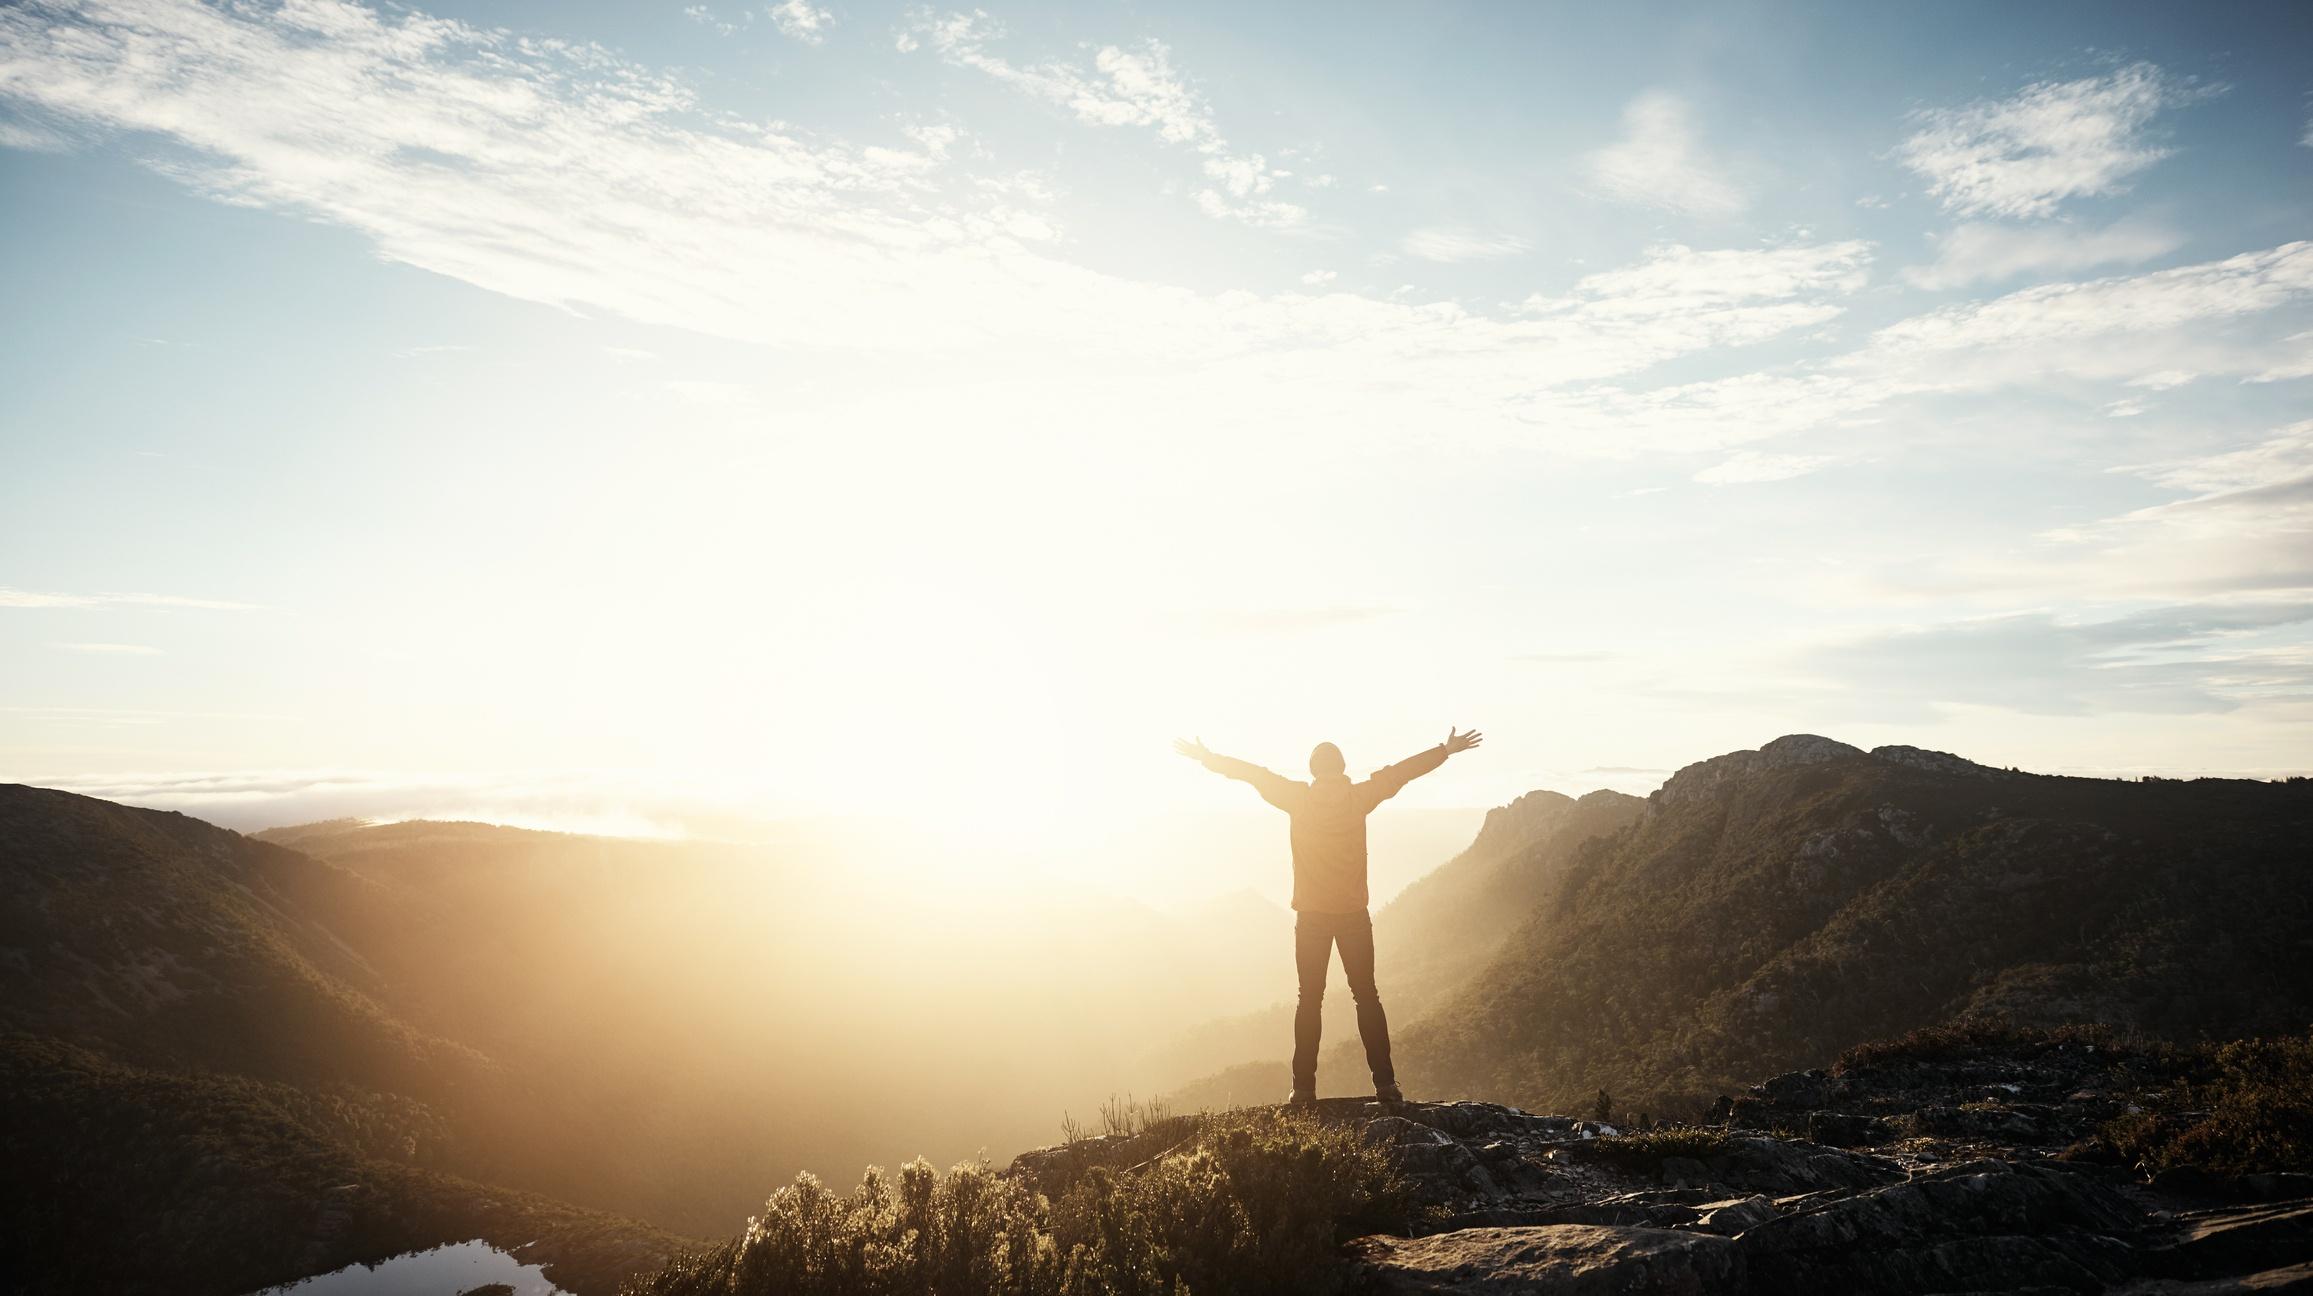 overcoming failure on mountain